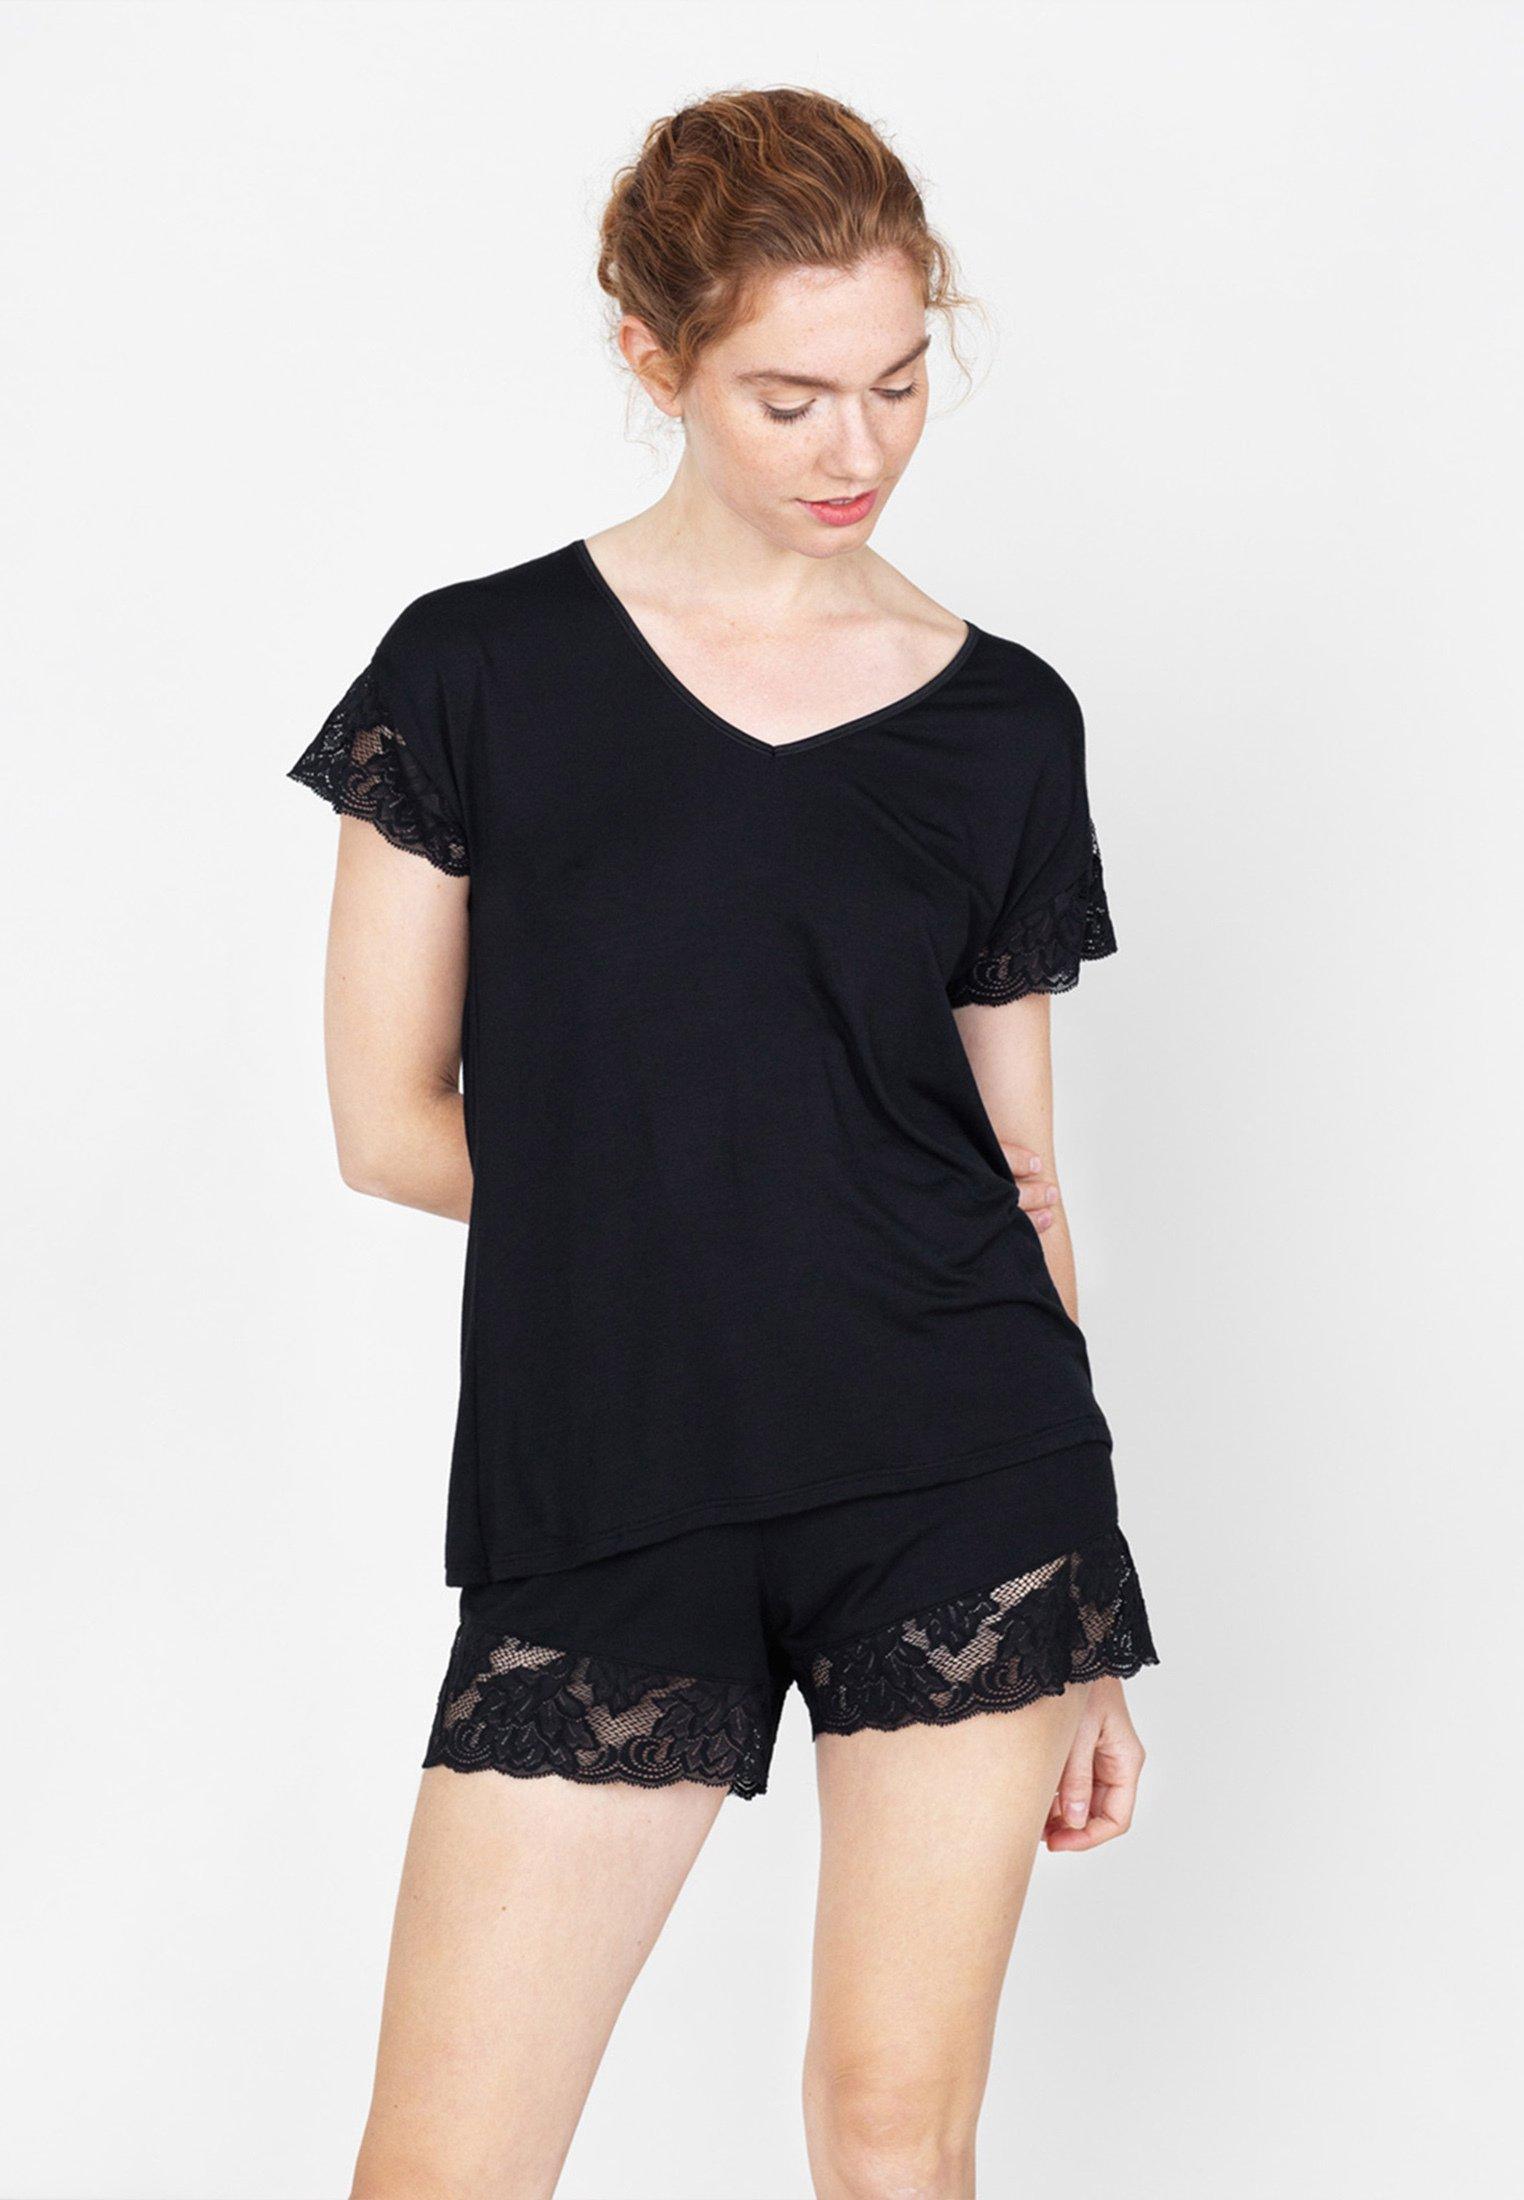 Damen NORA - Nachtwäsche Shirt